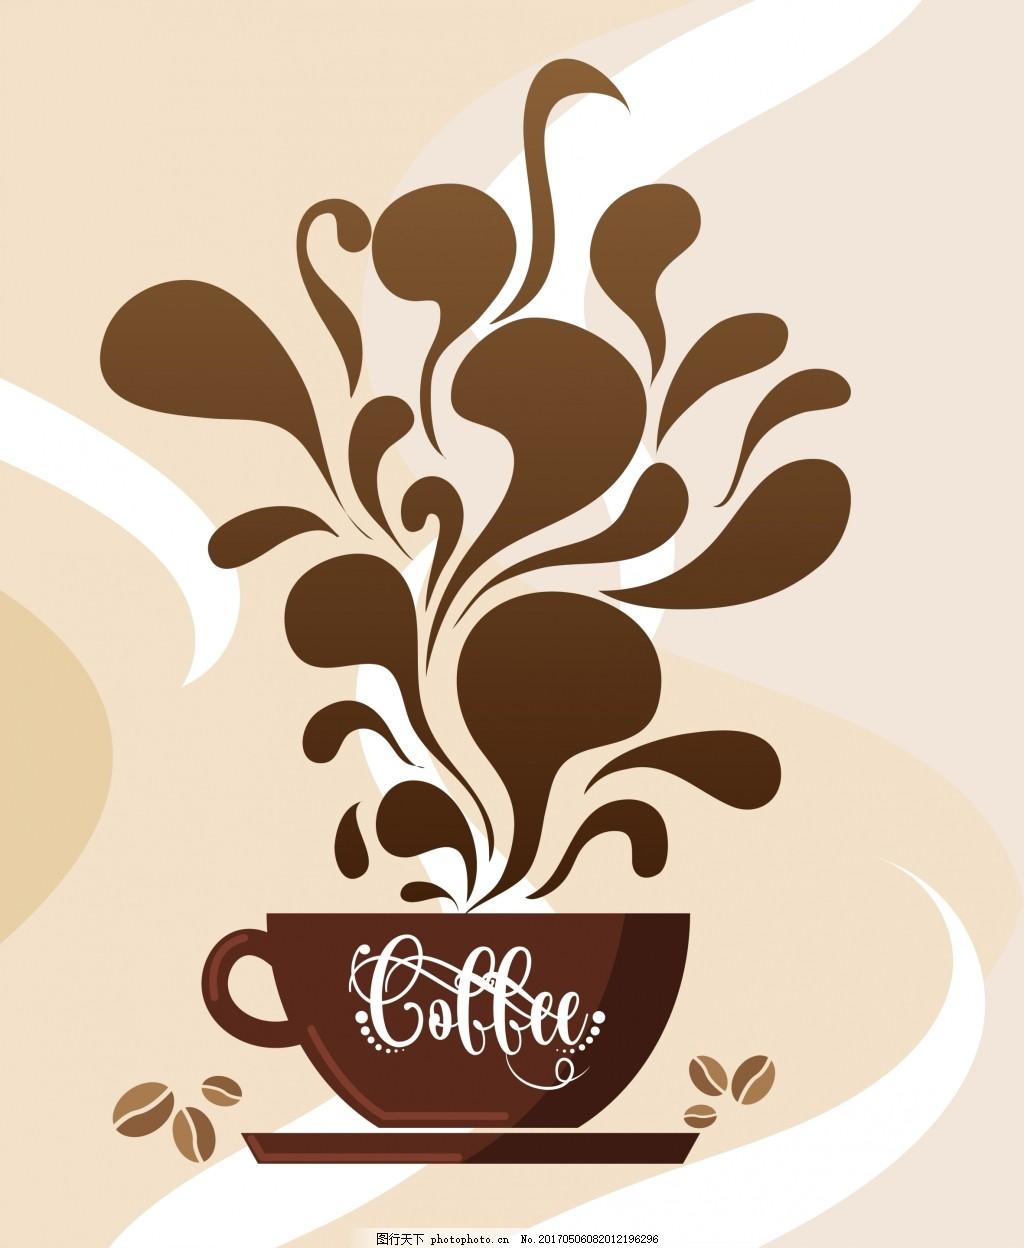 扁平化咖啡饮料插画 扁平化插画 咖啡插画 花纹 手绘花纹 杯子